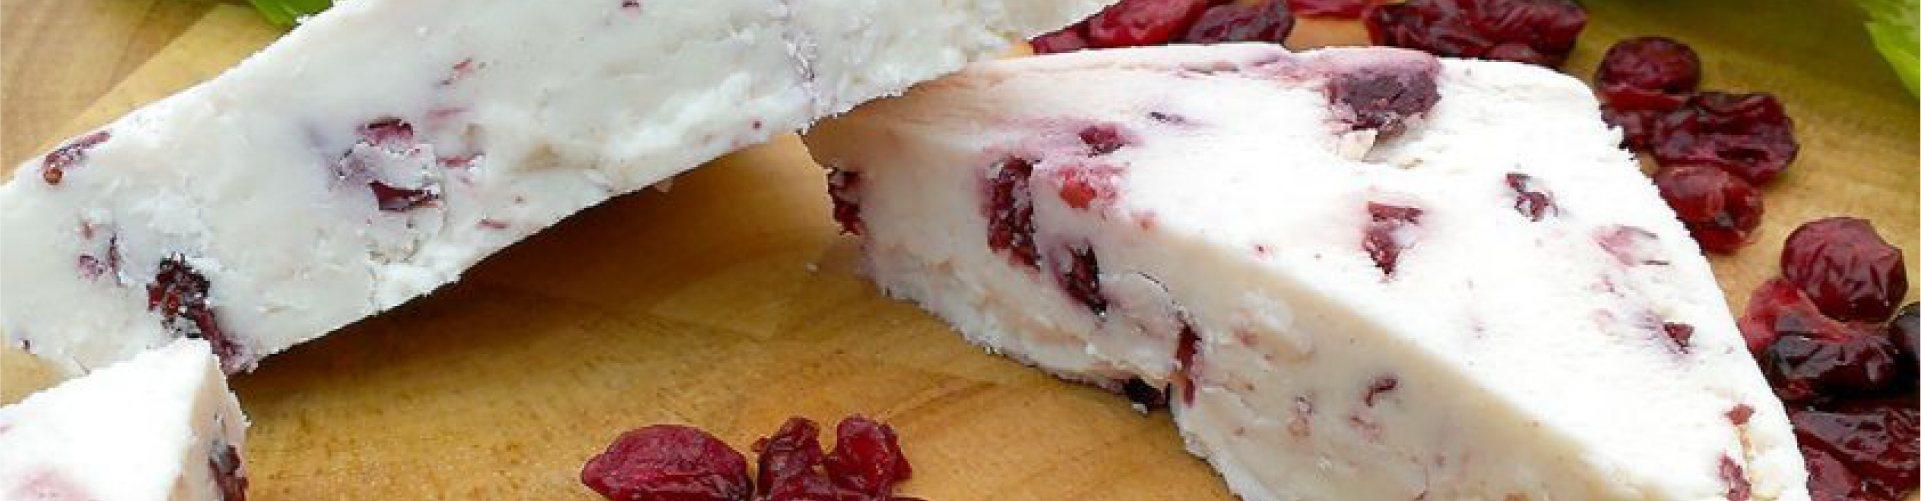 cheese-arandanos